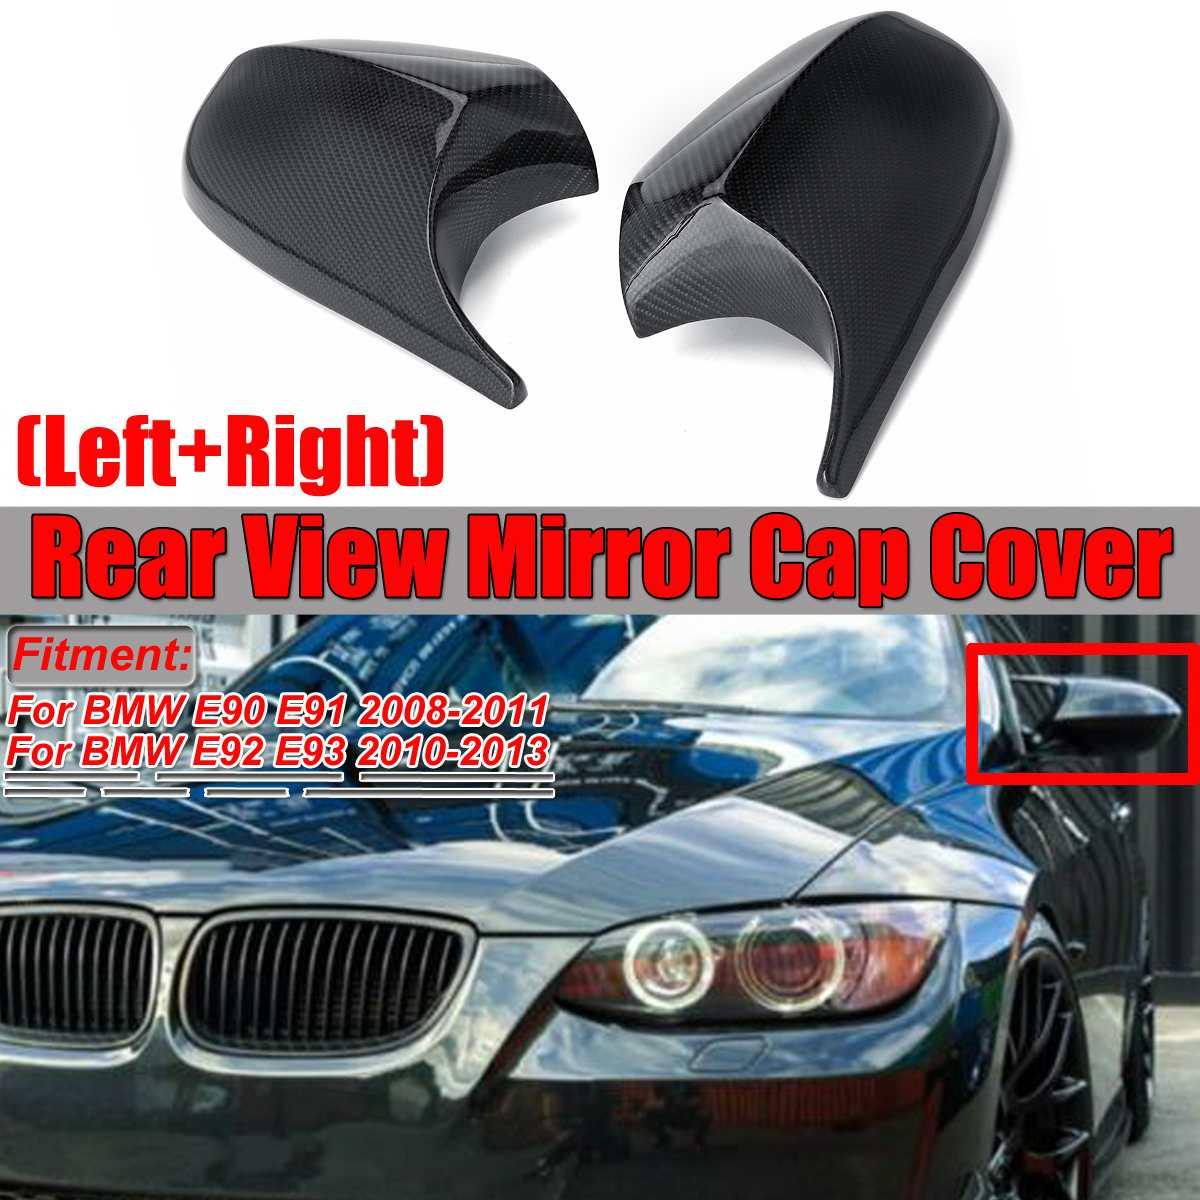 2 pièces véritable Fiber de carbone/ABS miroir couverture E90 voiture rétroviseur bouchon couverture remplacement Direct pour BMW E90 E91 08-11 E92 E93 10-13 LCI